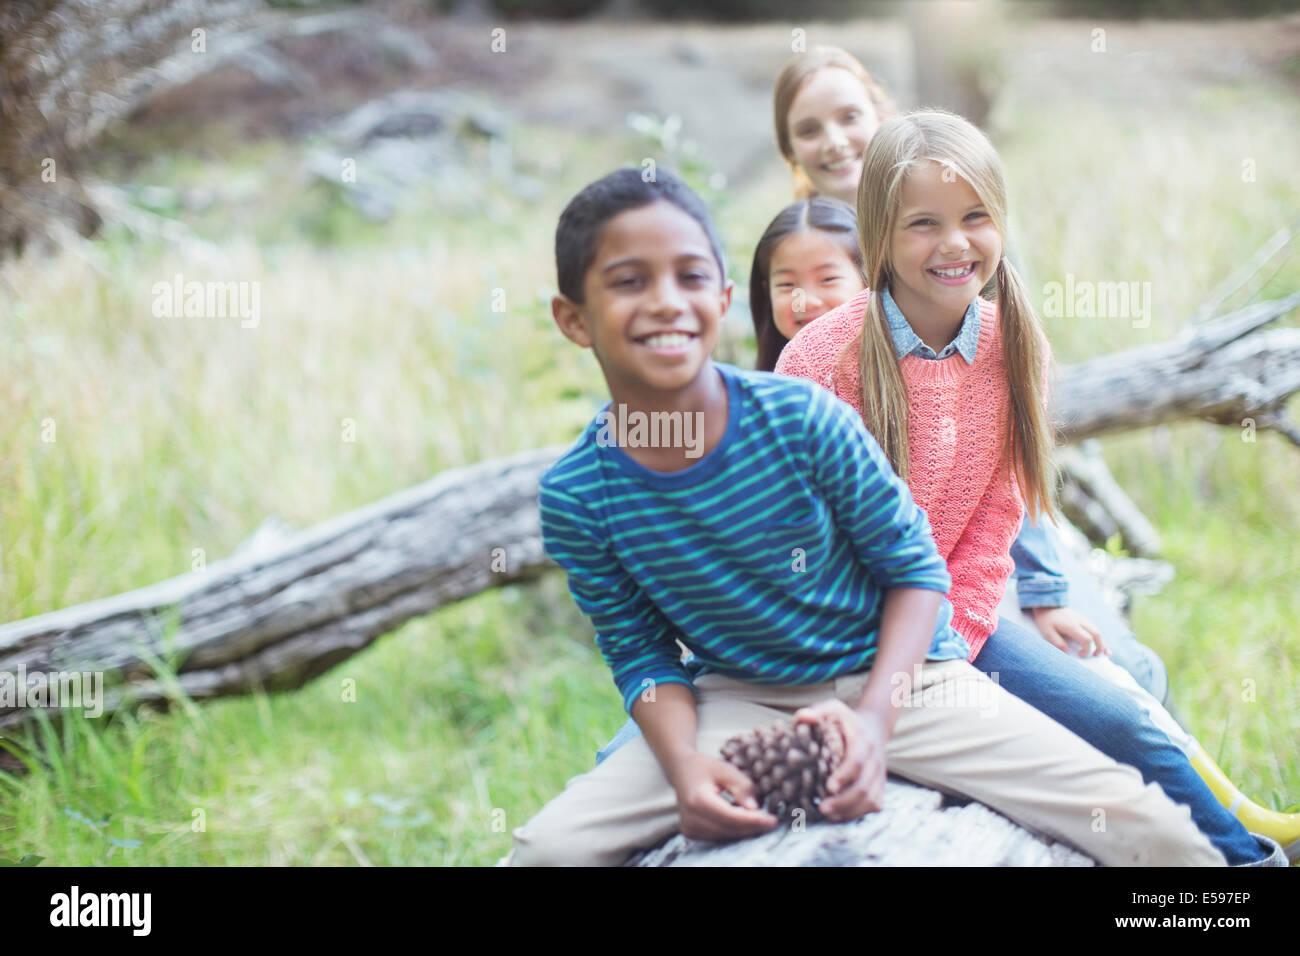 Kinder sitzen auf melden Sie sich im Wald Stockbild